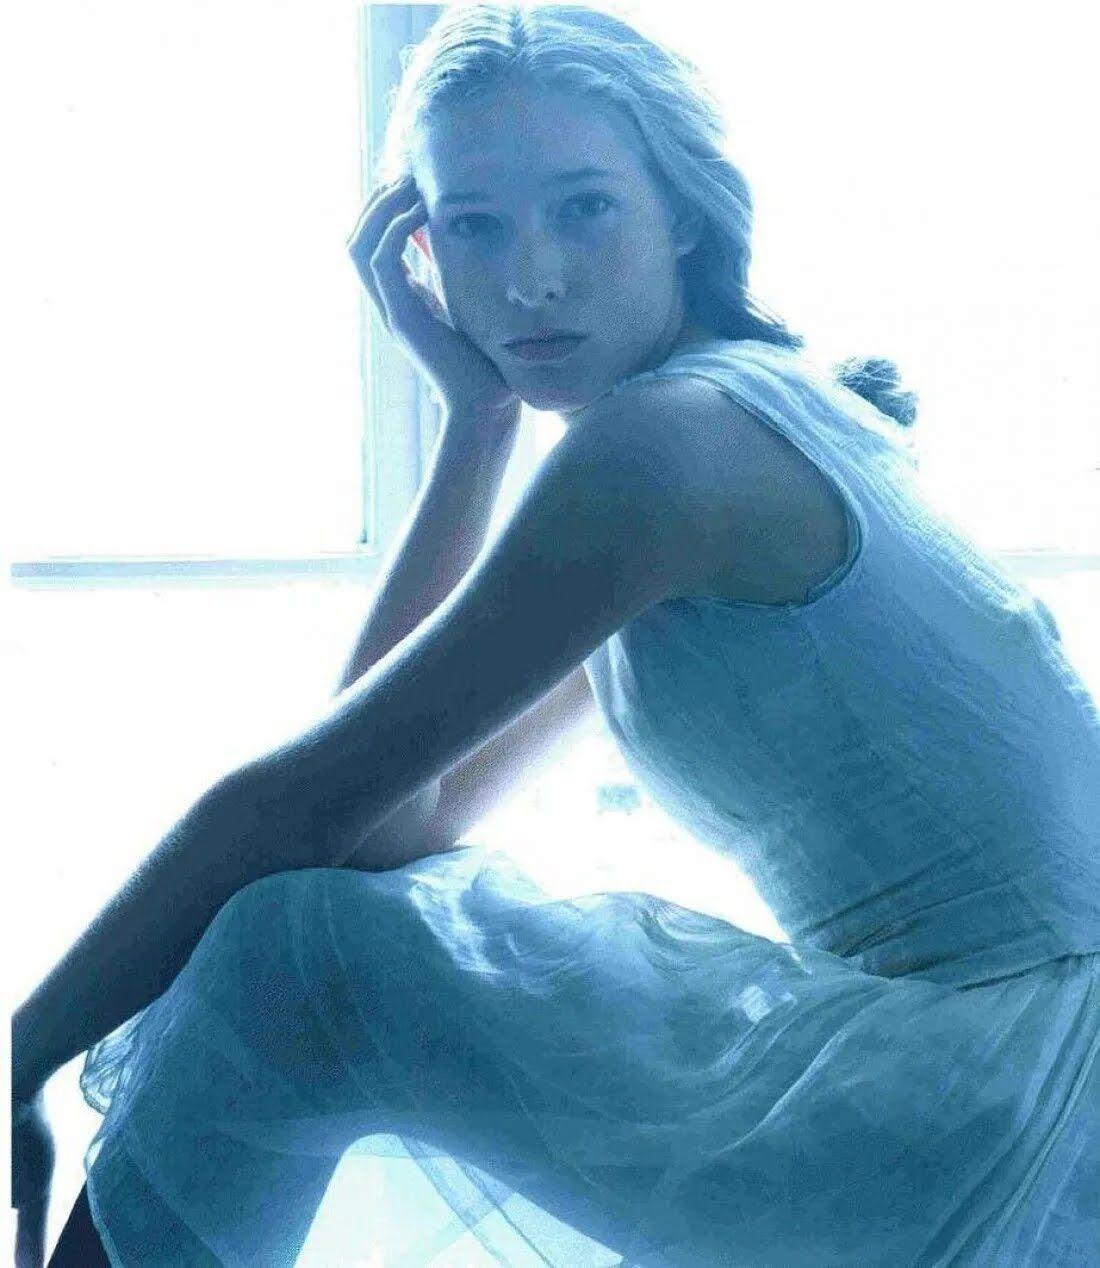 Катя Осадча працювала моделлю в юному віці